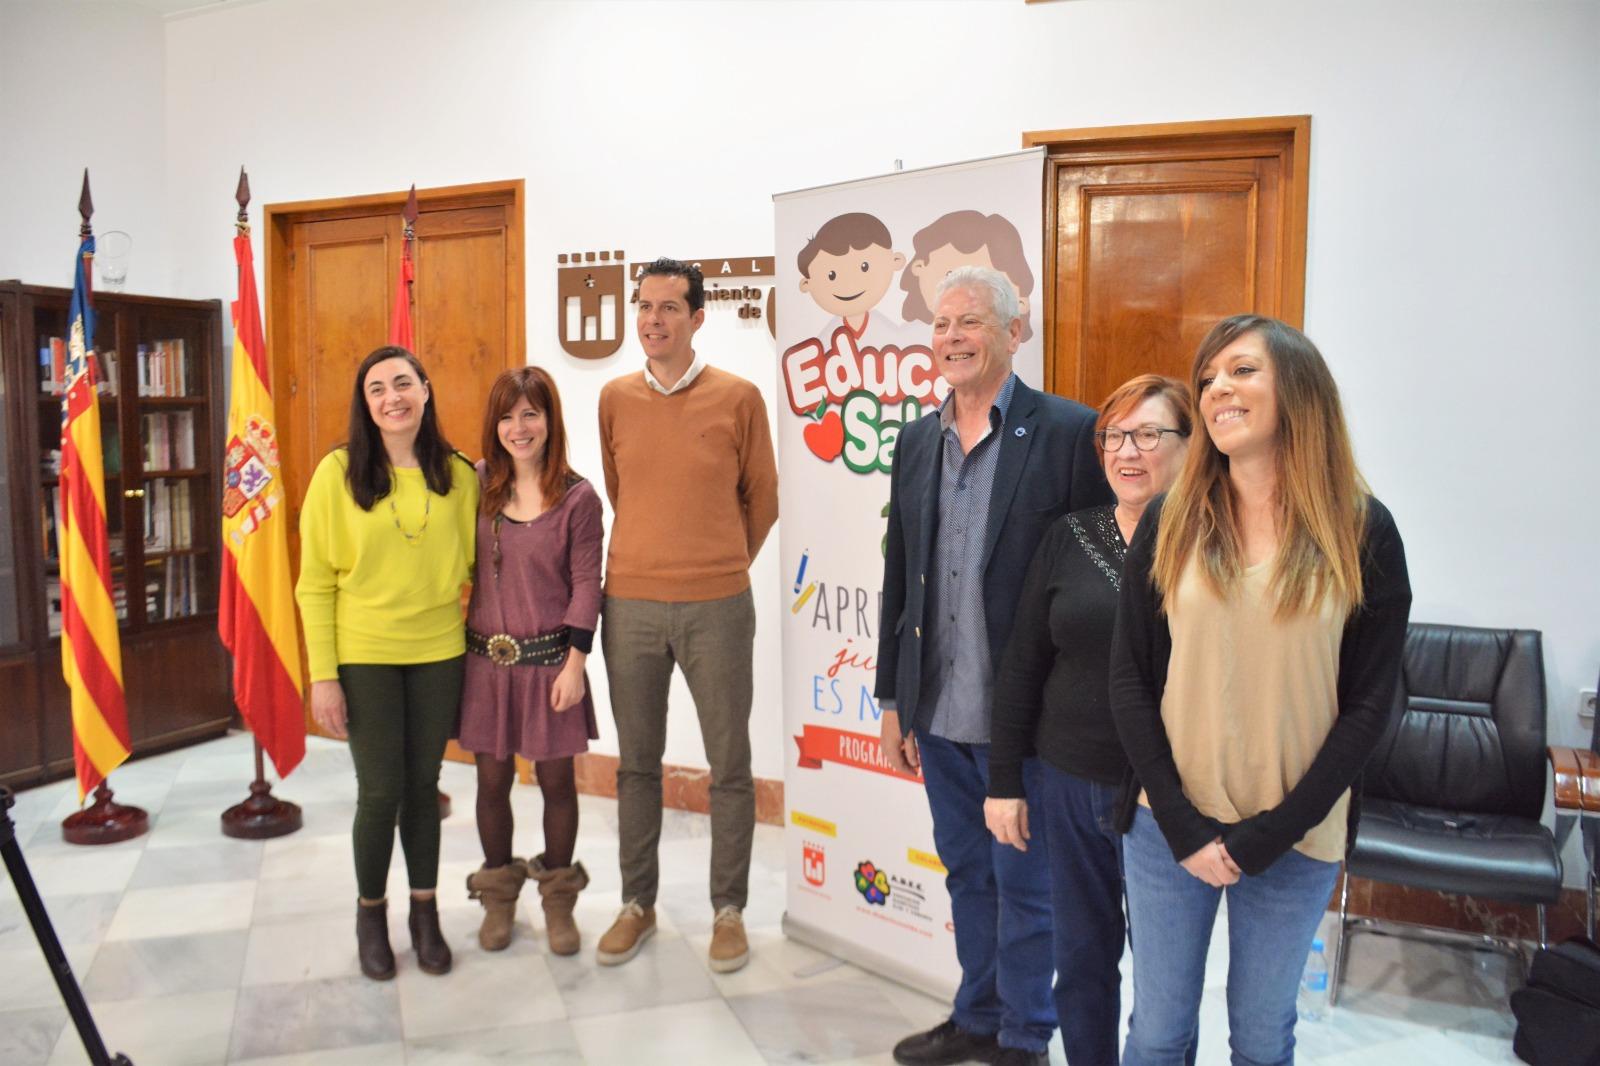 El Ayuntamiento de Elda y la Asociación de Diabéticos ponen en marcha el programa Educa Salud para formar e informar sobre la enfermedad de la diabetes